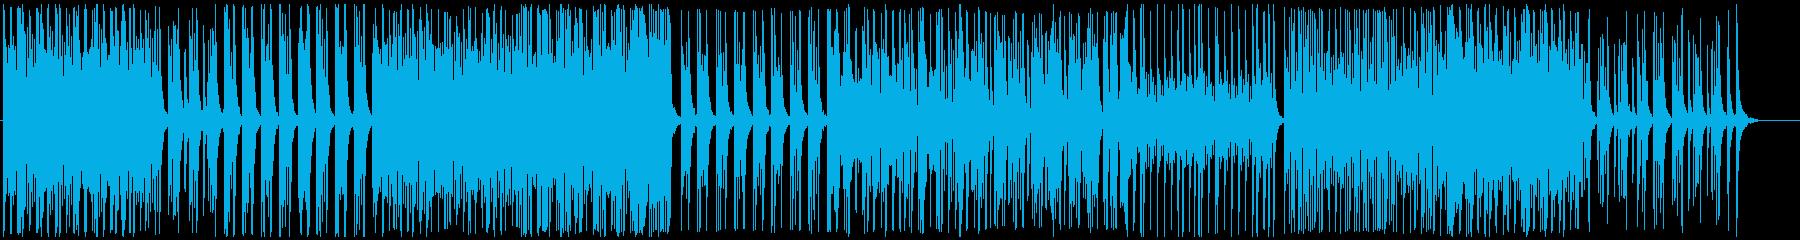 物語の始まり-弦楽団カルテットの再生済みの波形